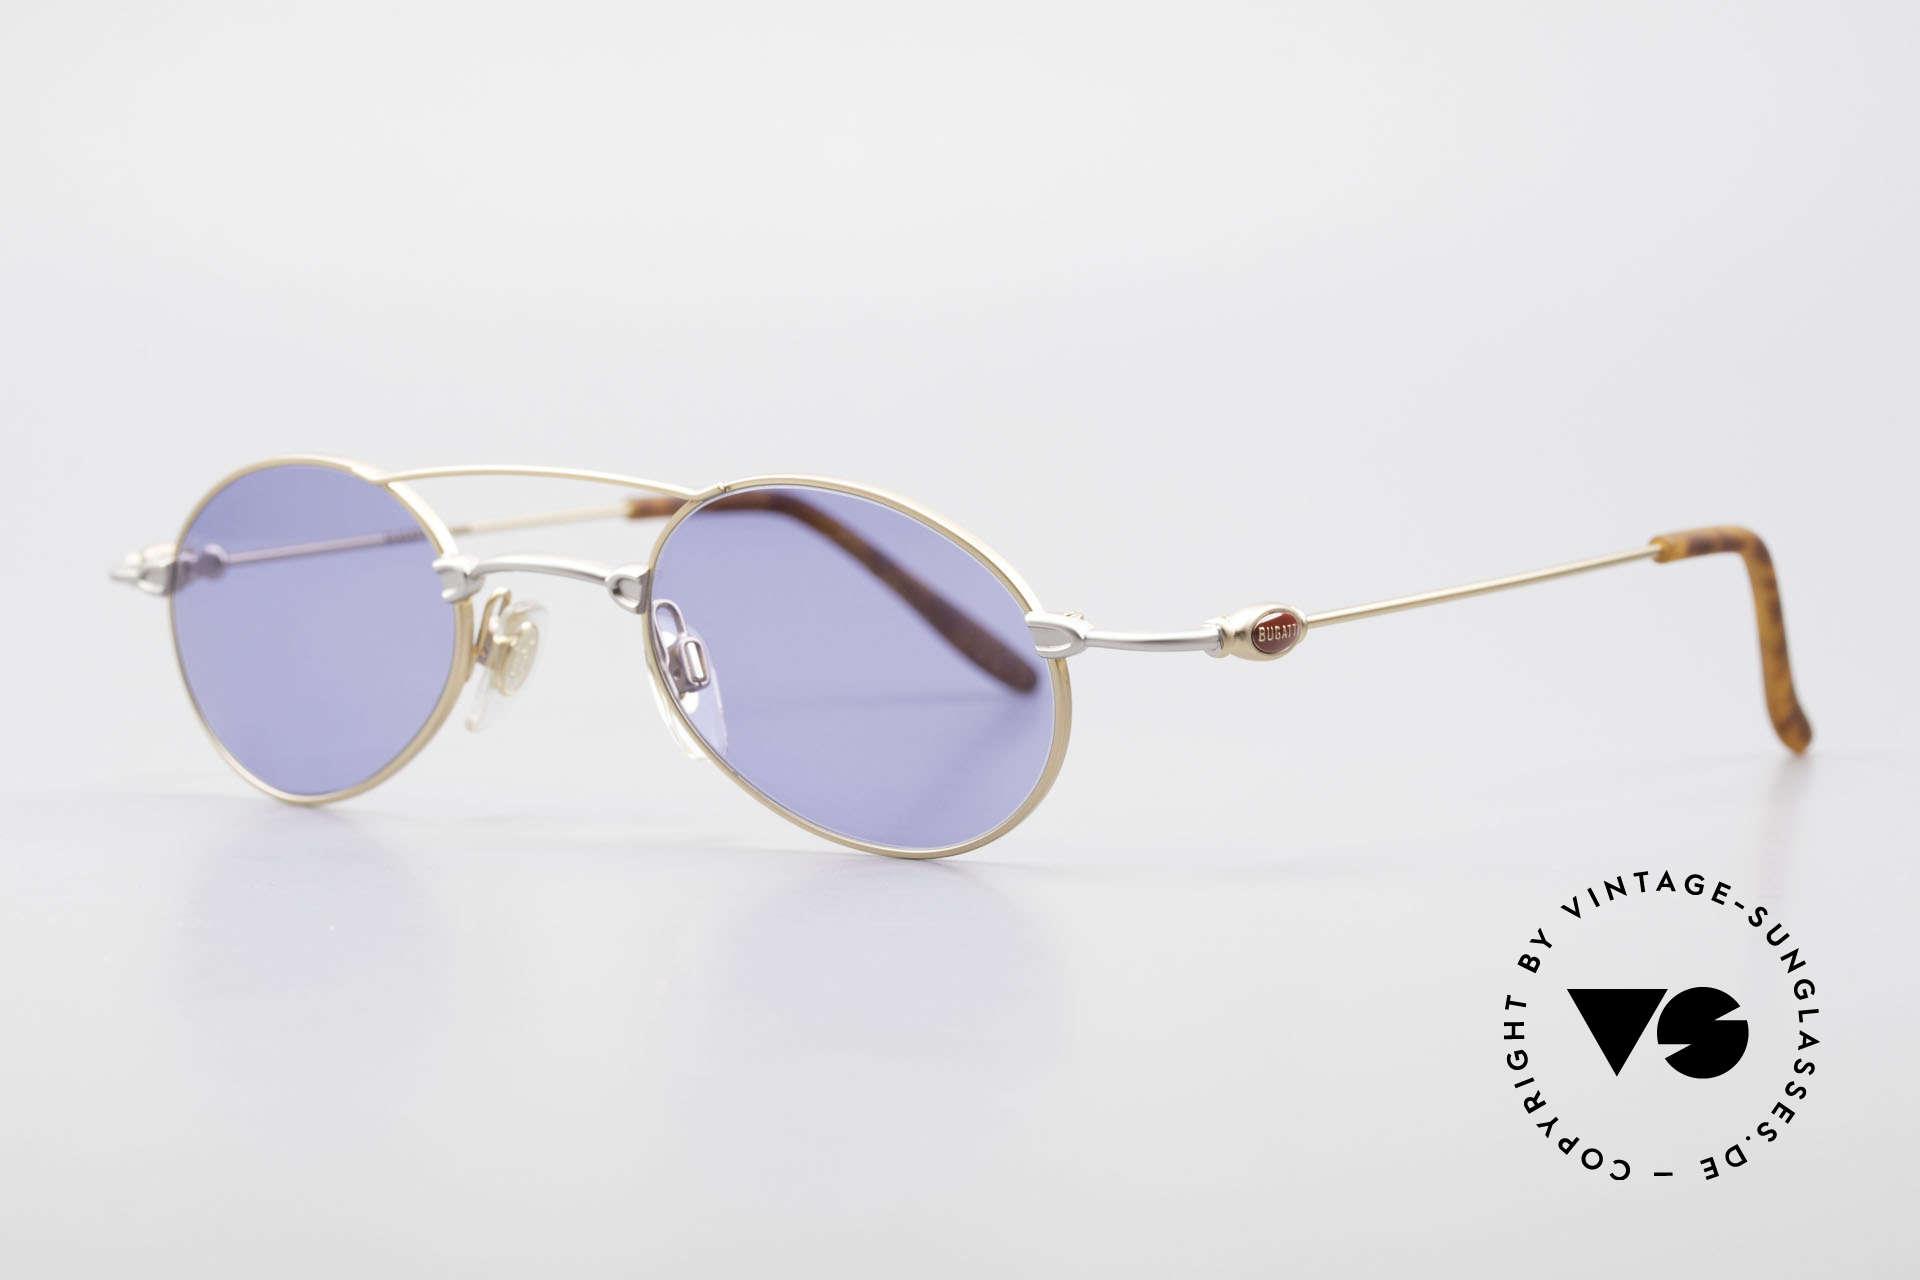 Bugatti 10868 Luxus Herren Sonnenbrille, klassische, zeitlose Brillenform (Gentlemen's Fassung), Passend für Herren